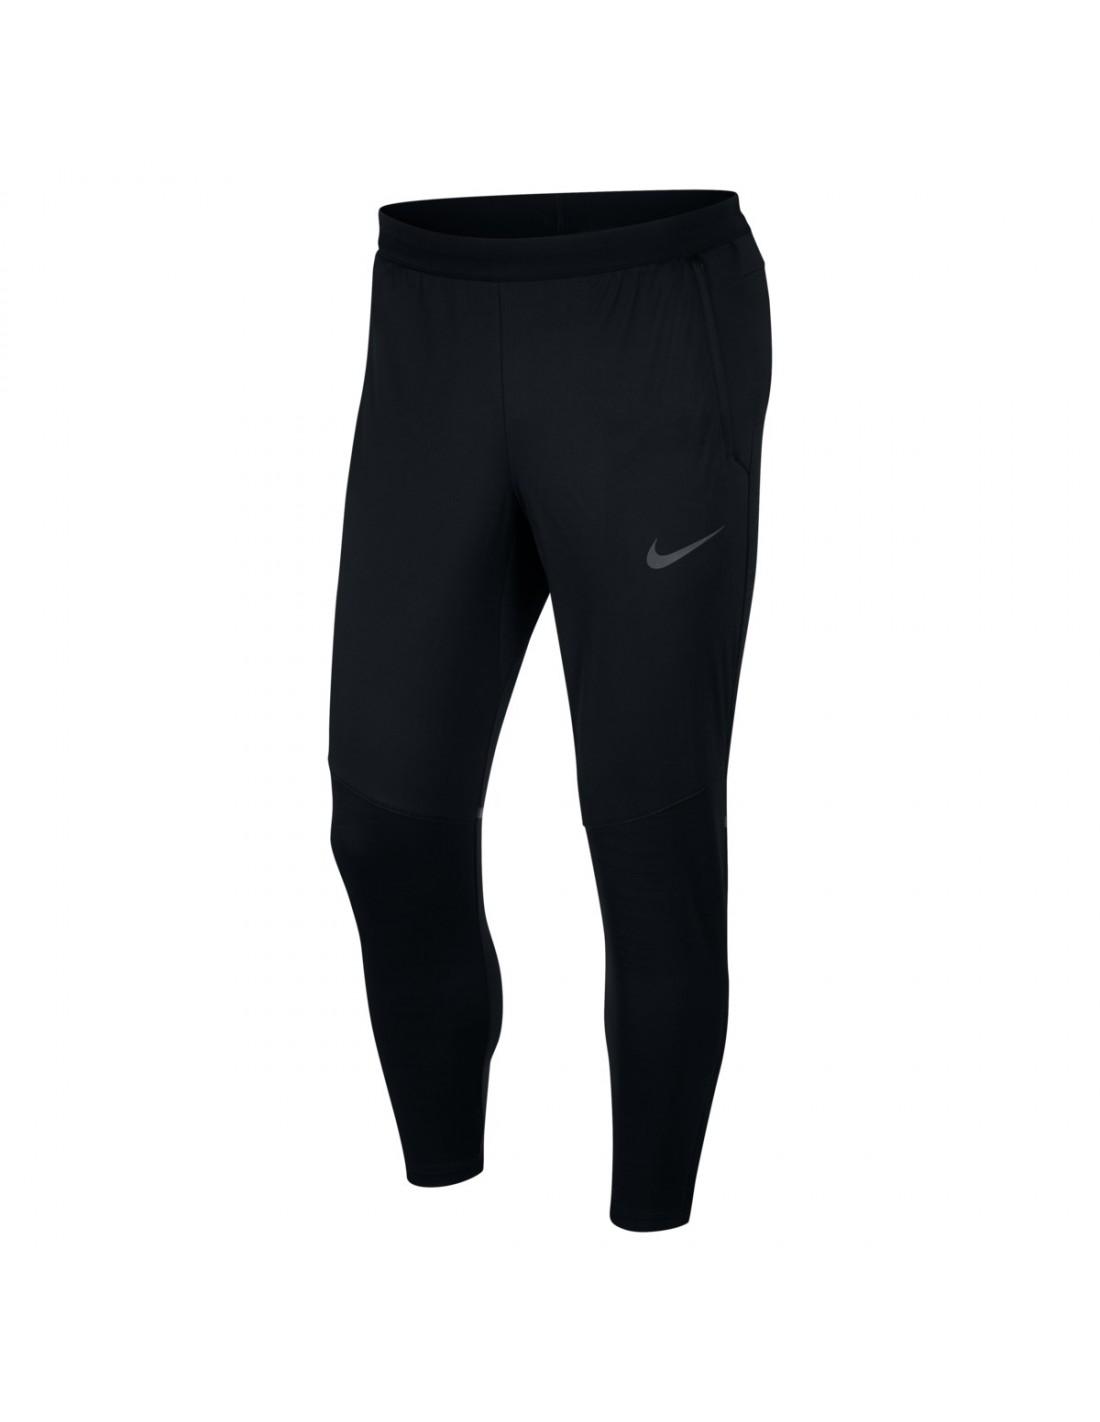 Treningsbukser Herrer Nike Shield Phenom Mens Running Pant AJ6711 399 kr